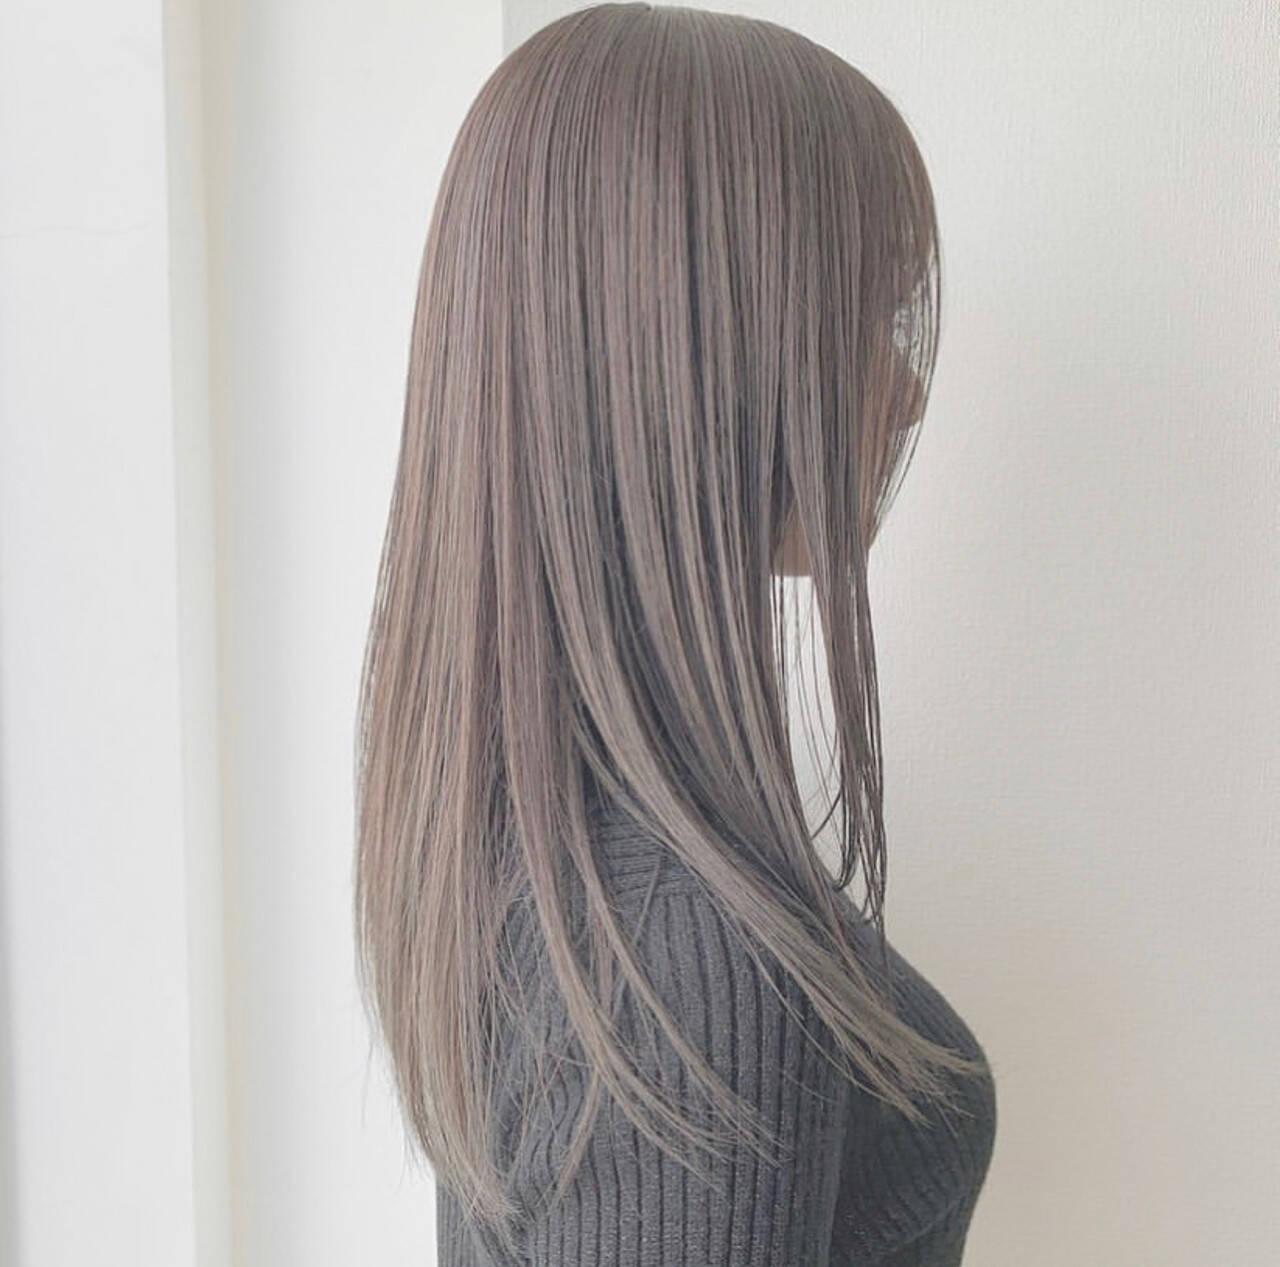 グレージュ 圧倒的透明感 ナチュラル アッシュグレージュヘアスタイルや髪型の写真・画像